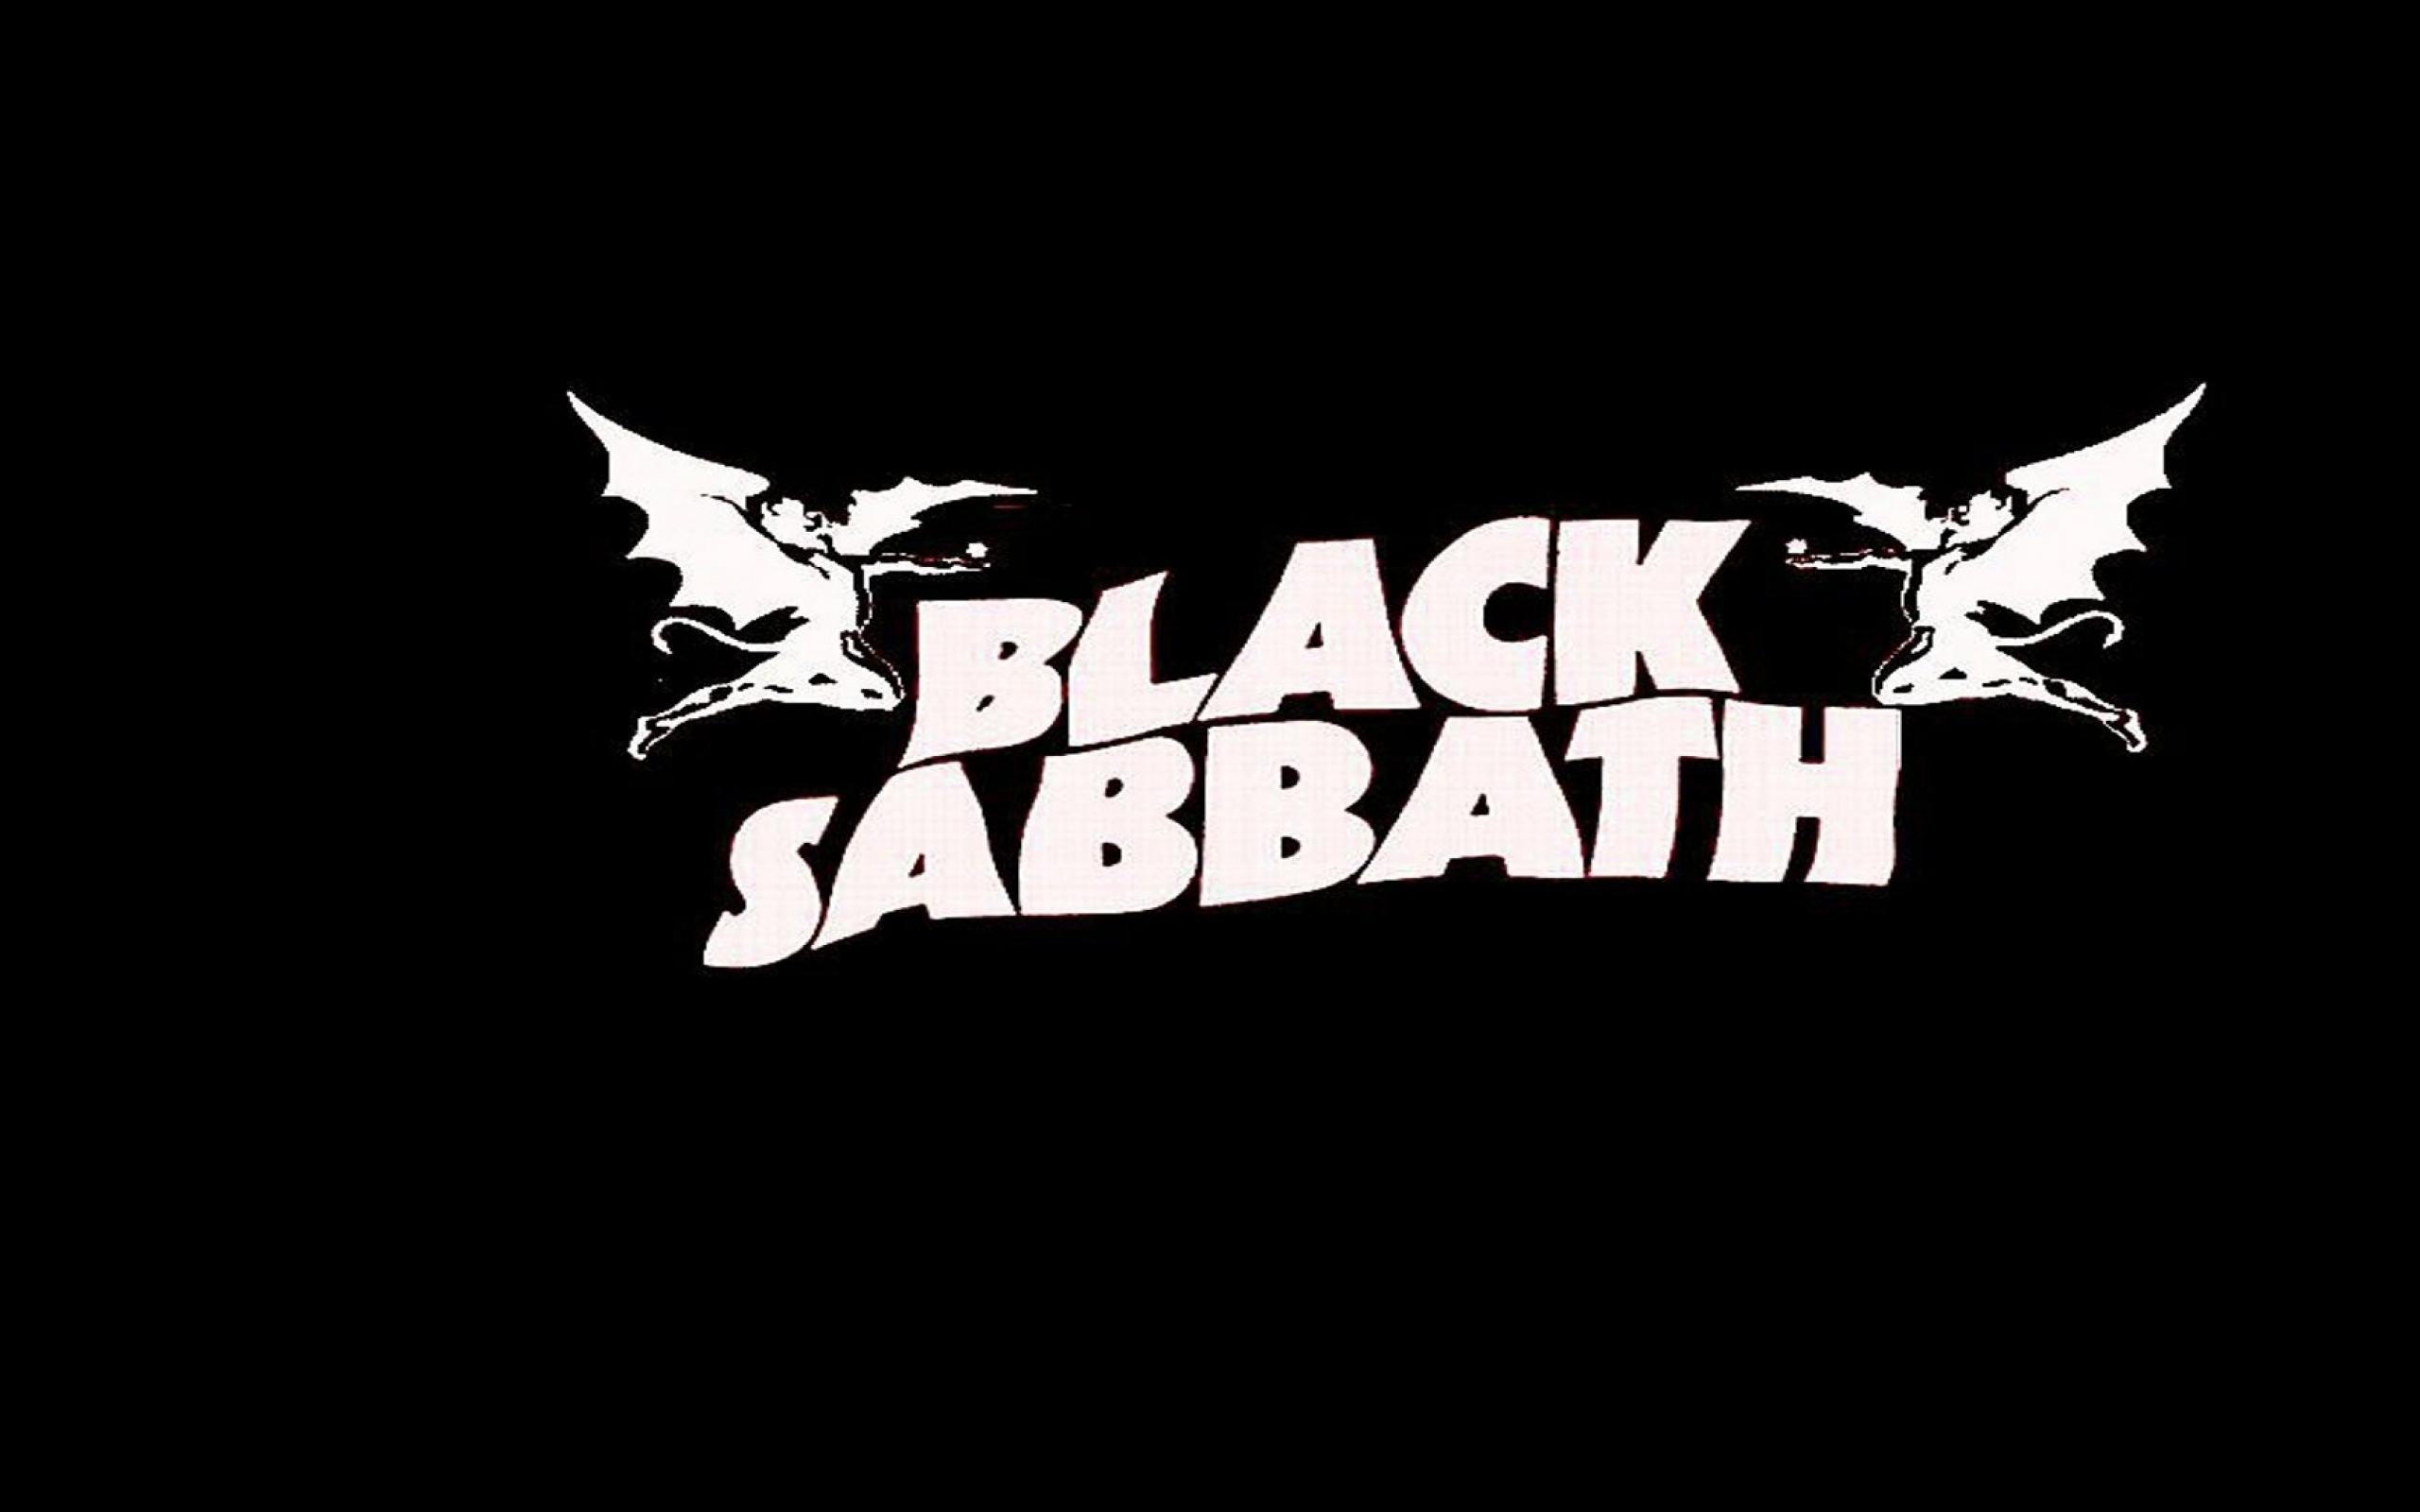 PlusPng pluspng.com Black Sabbath Metal Logo Vector Wallpaper PlusPng pluspng.com - Black  Sabbath . - Black Sabbath 1986 Logo PNG